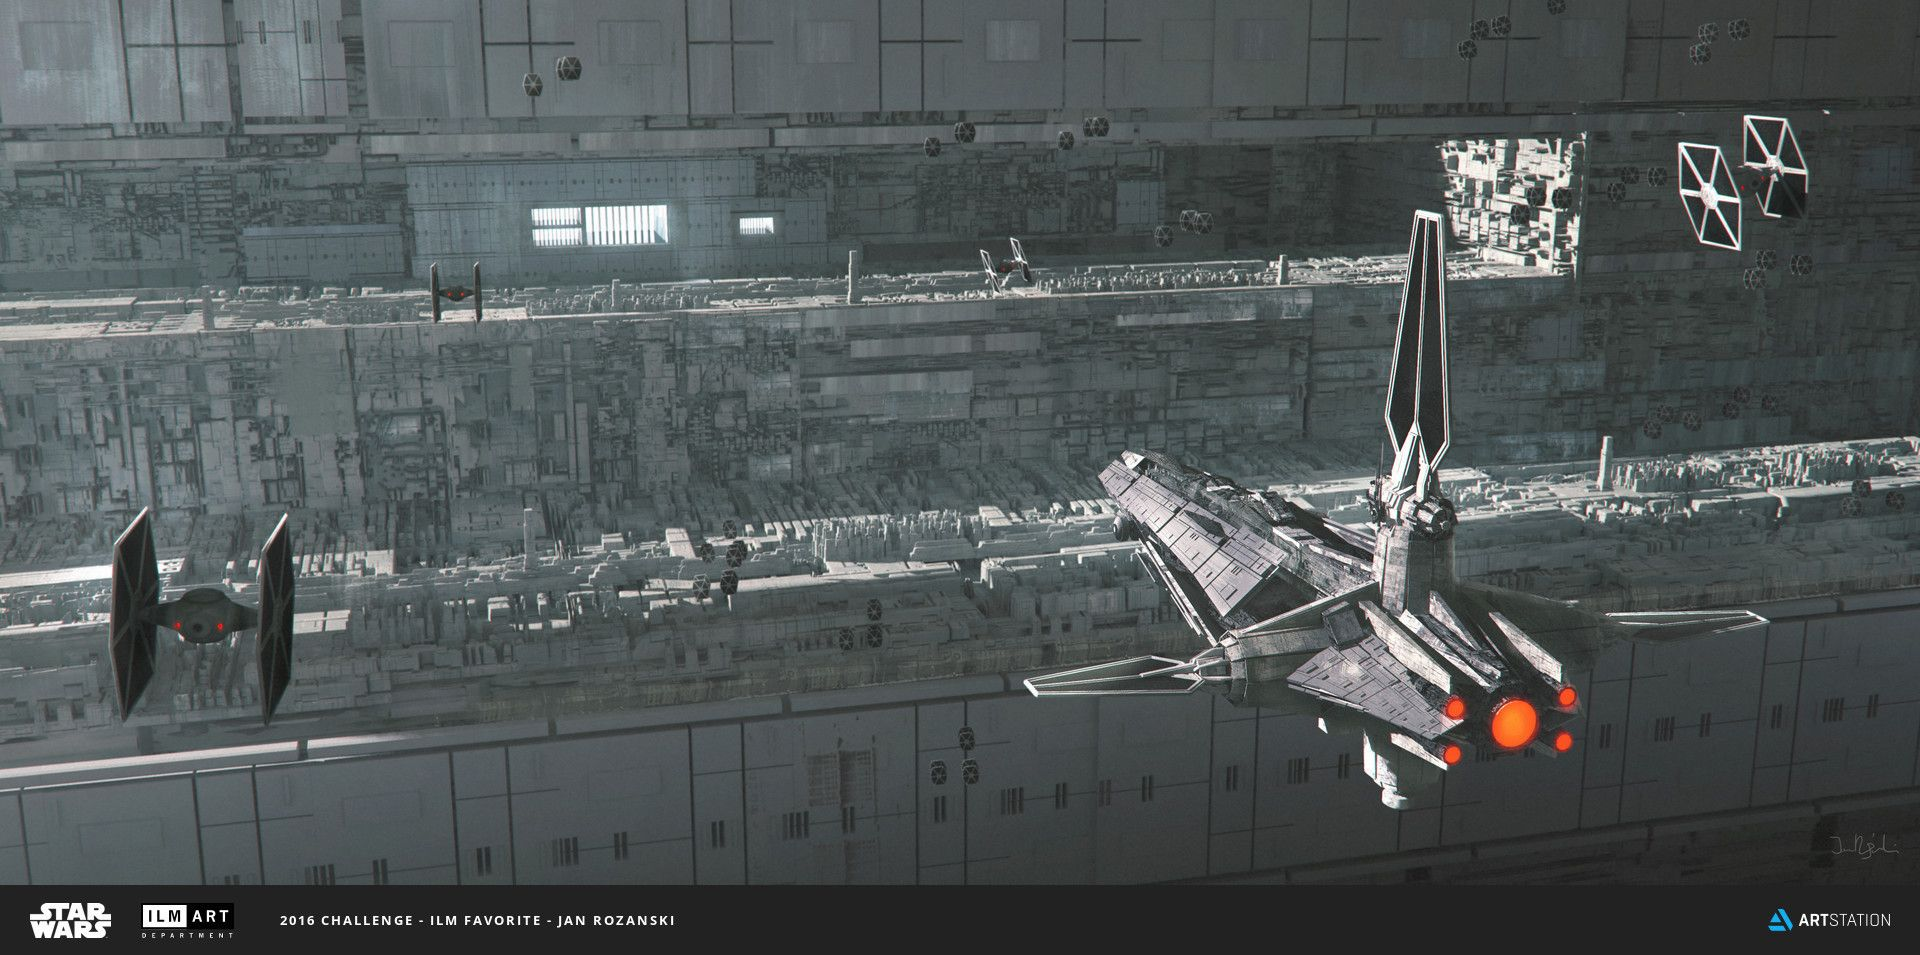 Jan Rozanski | ILM Favorites, Jan Rozanski on ArtStation at…